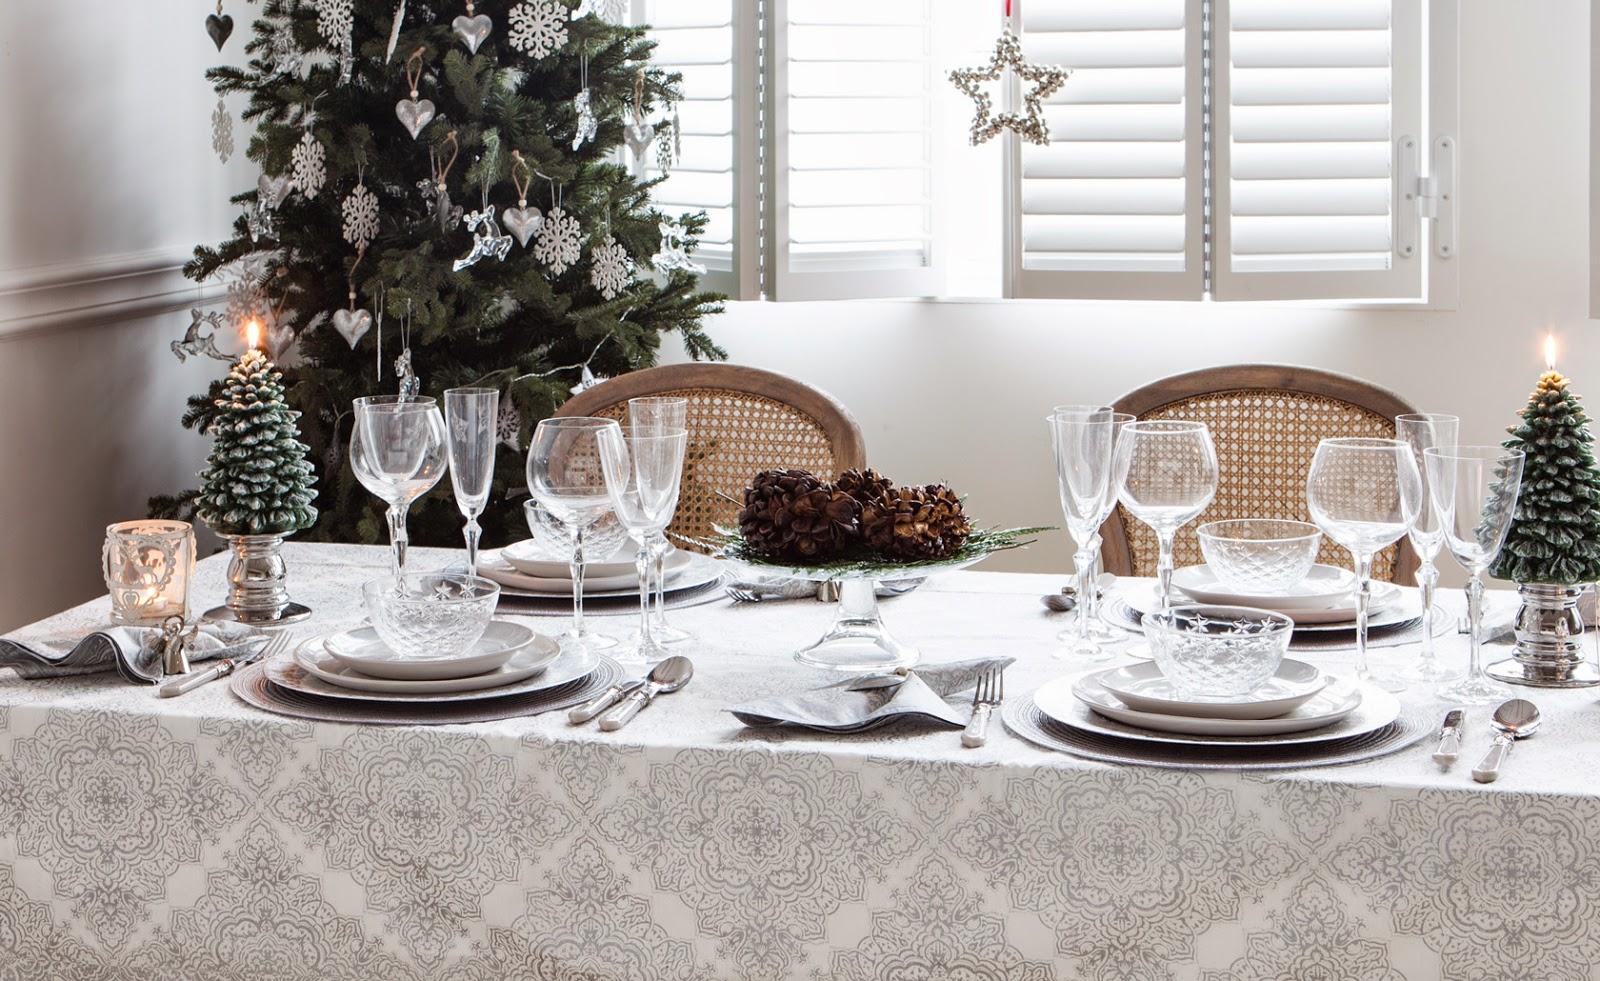 Decoraci n f cil decoracion de navidad 2014 2015 con - Zara home decoracion hogar ...